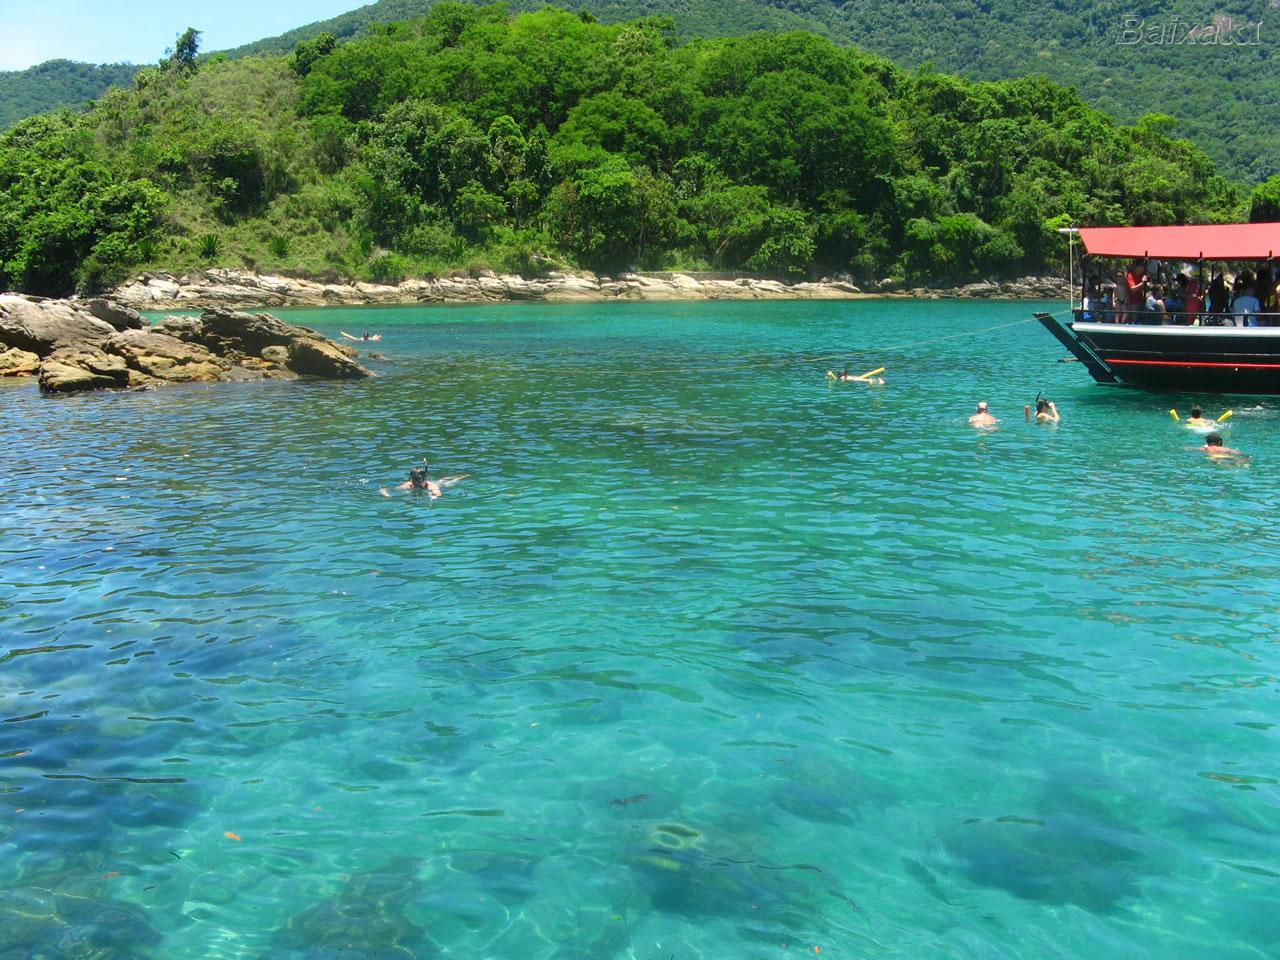 http://1.bp.blogspot.com/_bonvSfT7Nvg/SwFBu5ceffI/AAAAAAAAAAM/0_L-LY0YYPg/s1600/lagoa-azul-angra-dos-reis-wallpaper.jpg